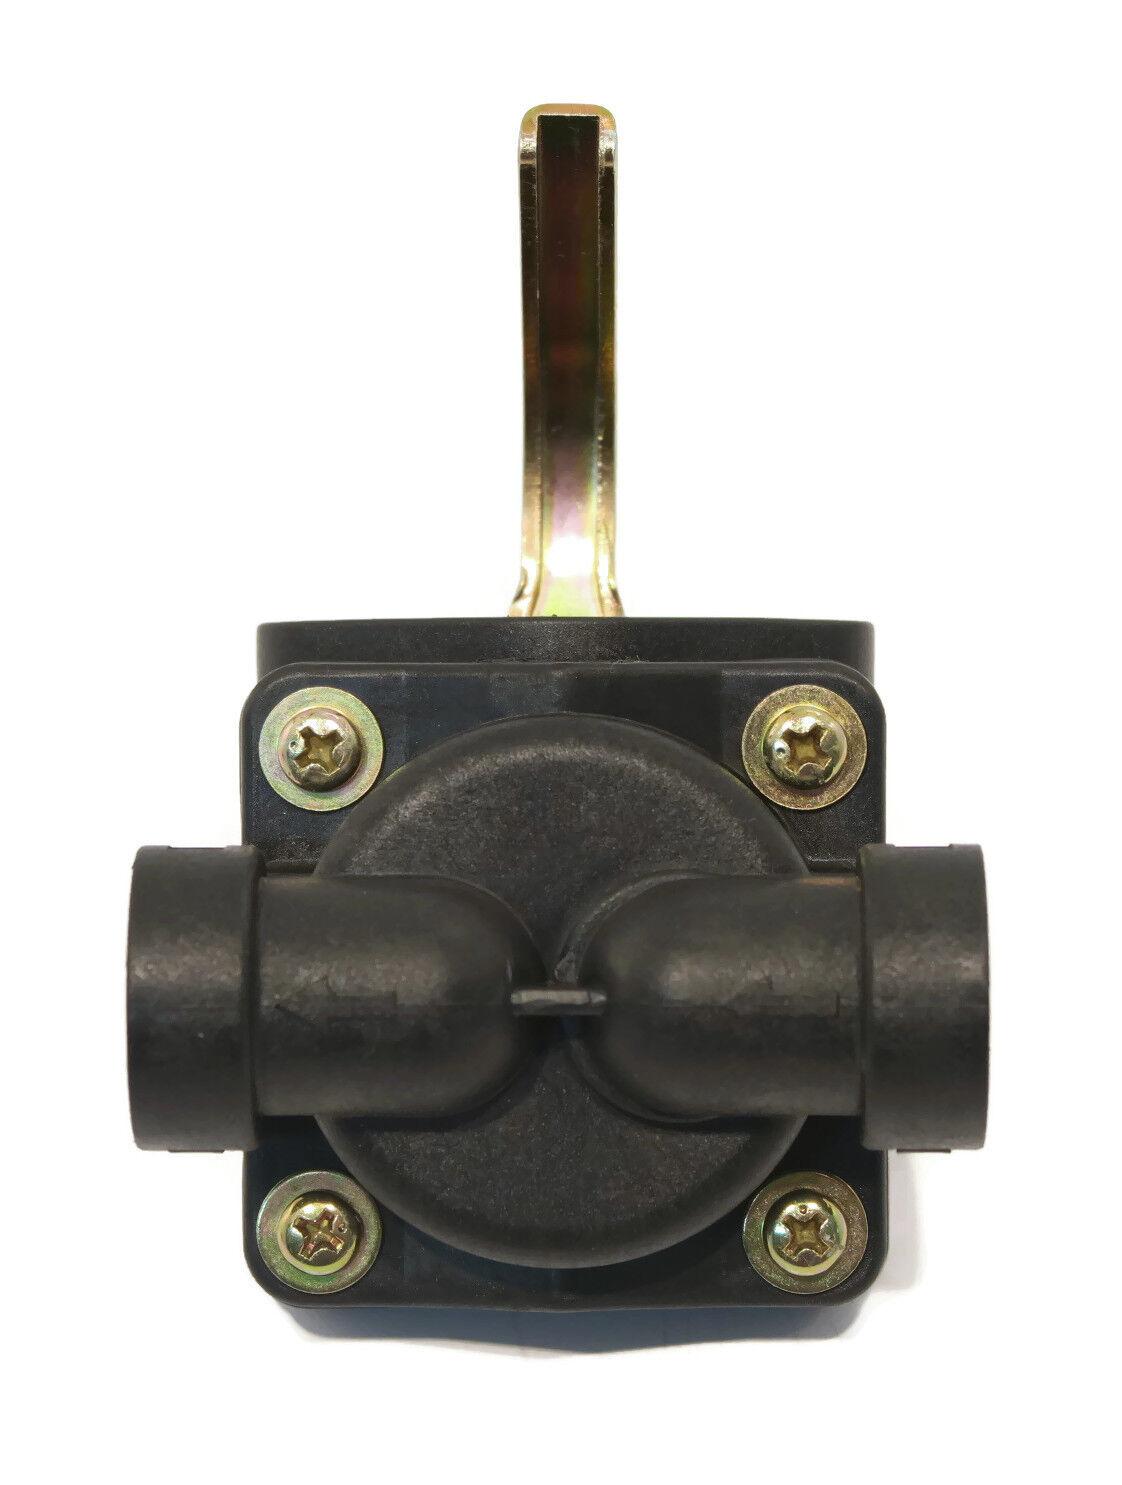 New Fuel Pump For Kohler K-series K241 K301 K321 K341